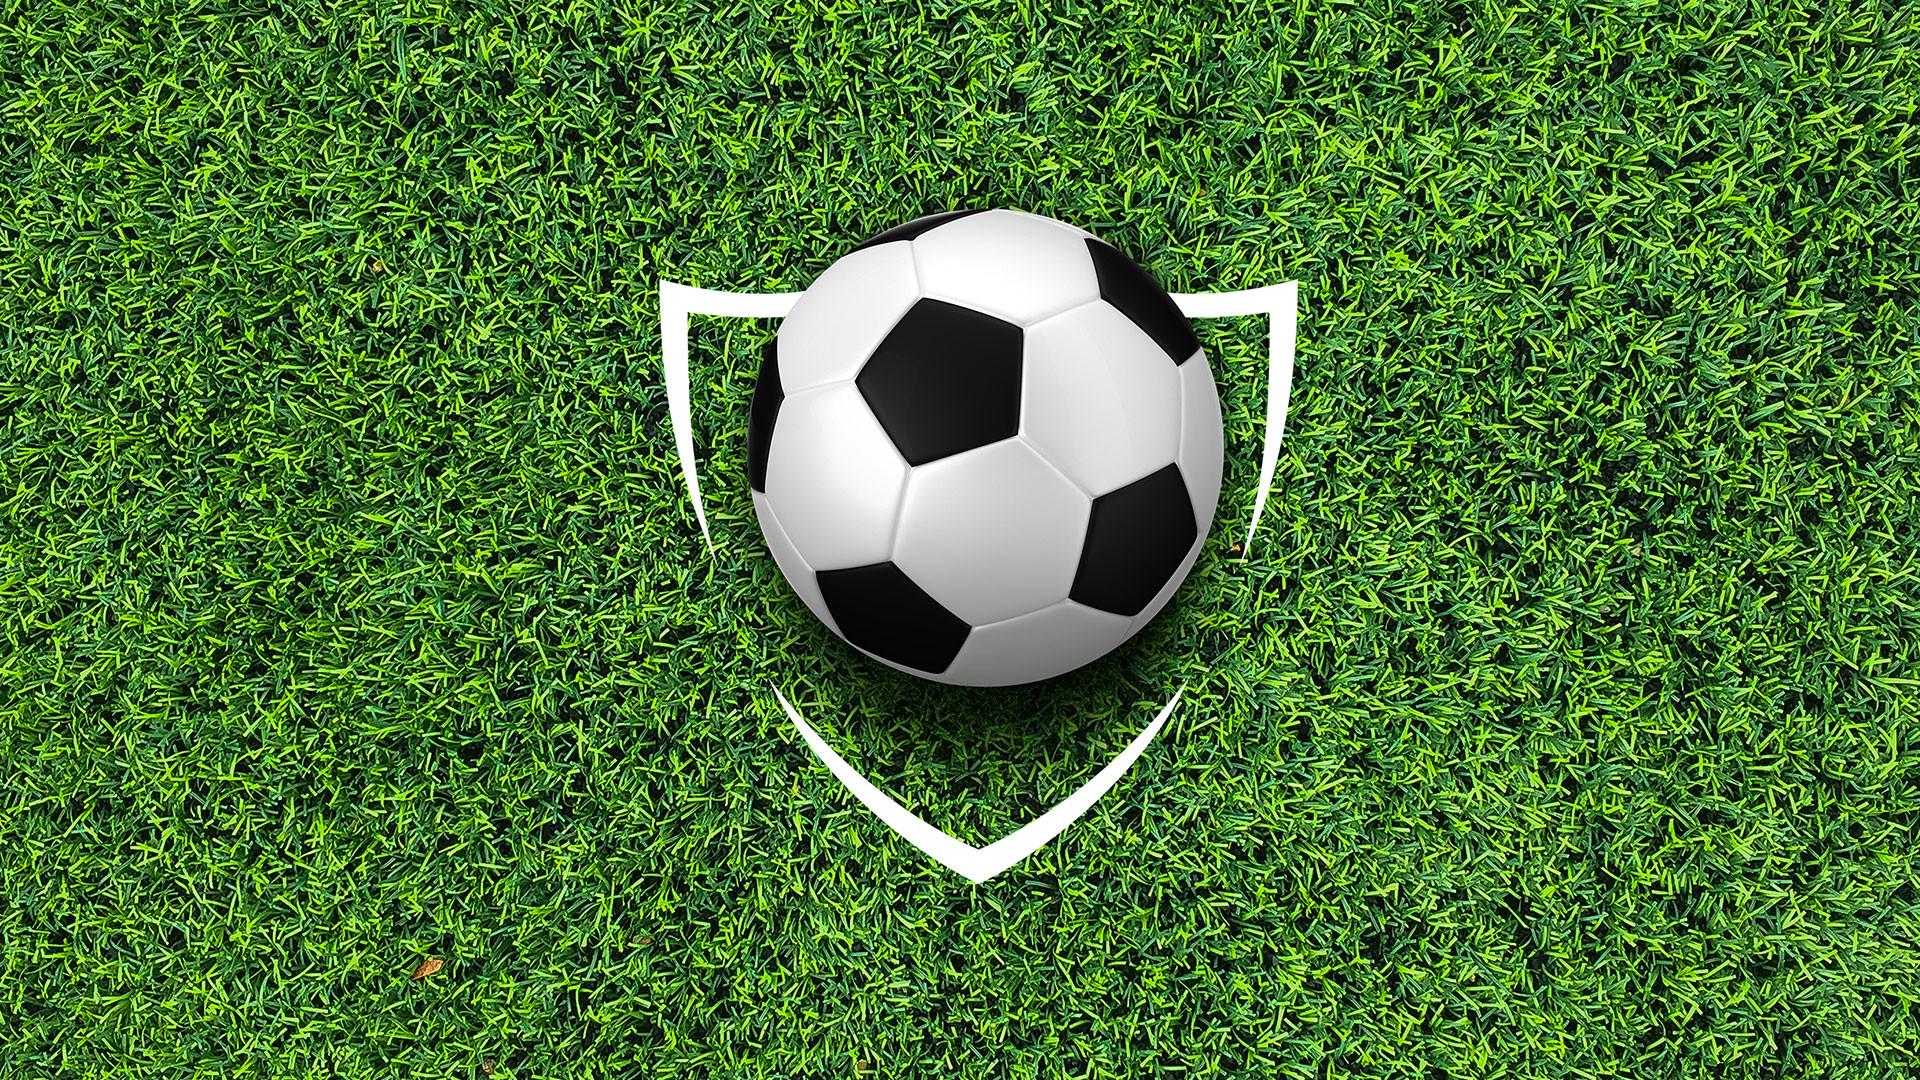 كيفية ادارة اكاديميات كرة القدم